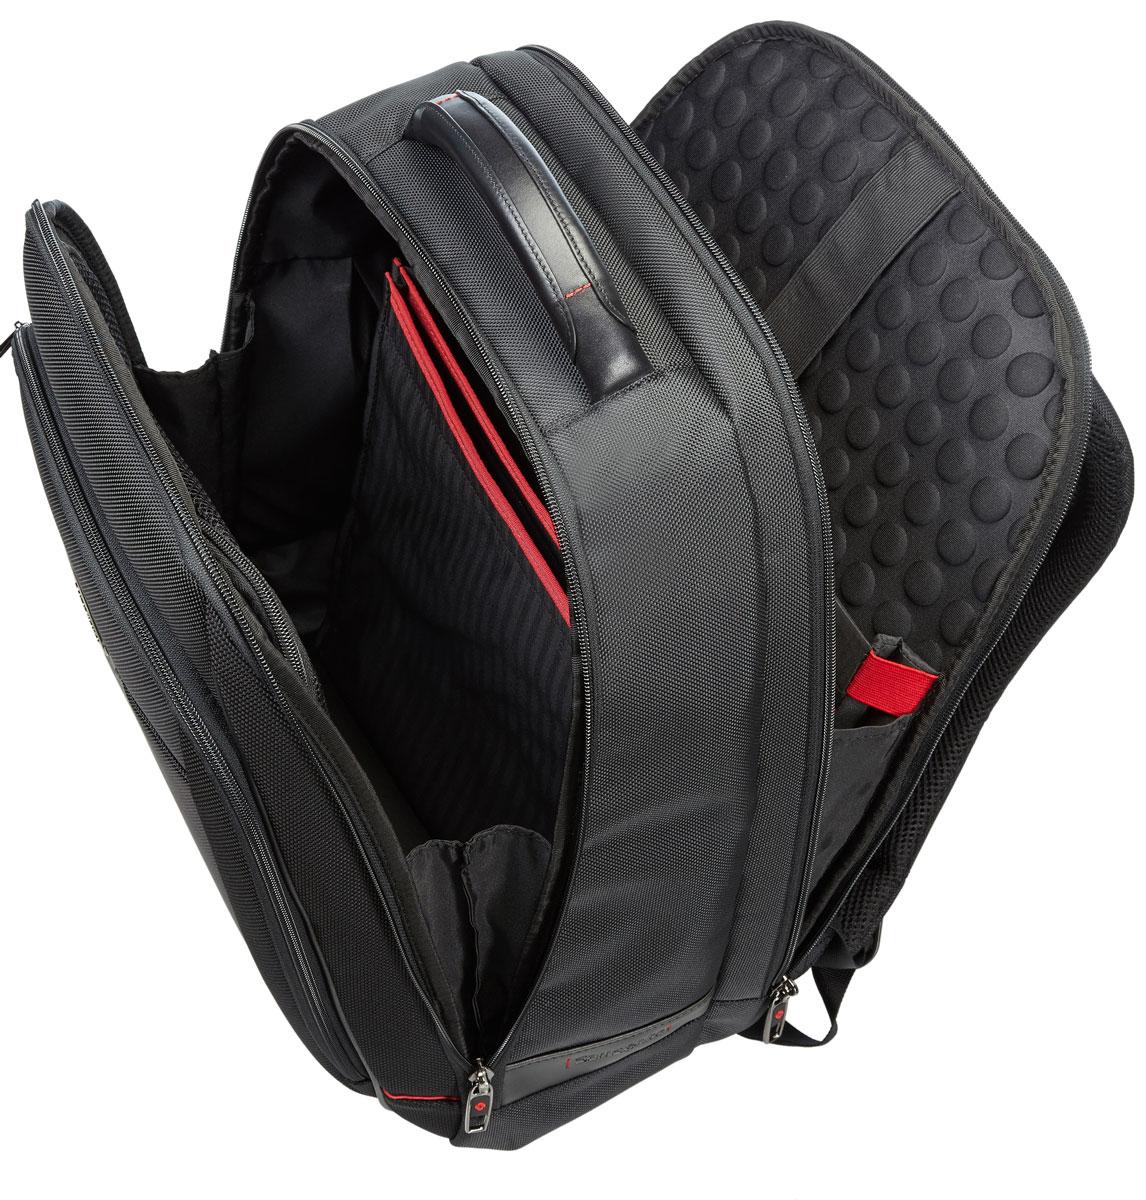 Рюкзак для ноутбука Samsonite Guardit, цвет: черный, 38 х 19 х 48 смBP-001 BKРюкзак для ноутбука Samsonite Guardit до 16 изготовлен из полиэстера. Коллекция Guardit является идеальным решением для пользователей ноутбуков,объединяет в себе базовую функциональность с отличным внешним видом. Особенности коллекции: передний карман с внутренней организацией, умный карман, верхняя ручка с прокладкой из неопрена.Размер рюкзака: 38 х 19 х 48 см Объем рюкзака: 26,5 л.